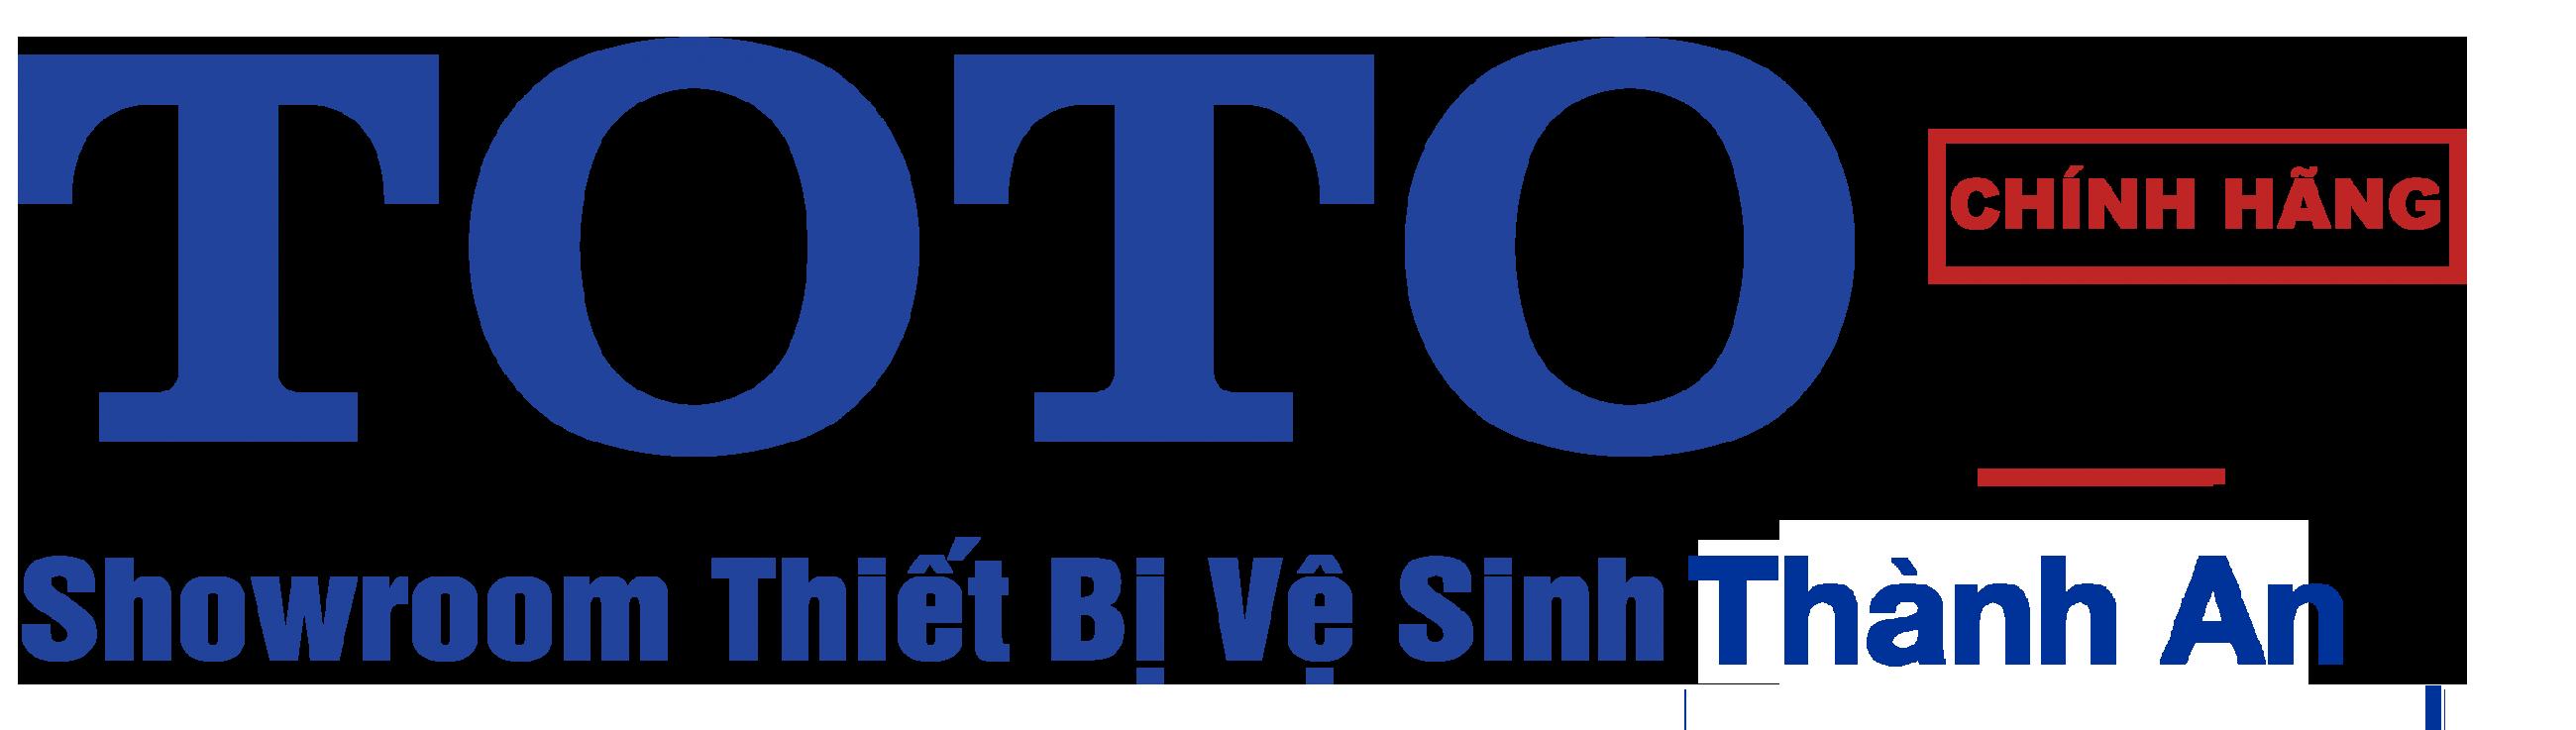 Showroom Toto Thành An